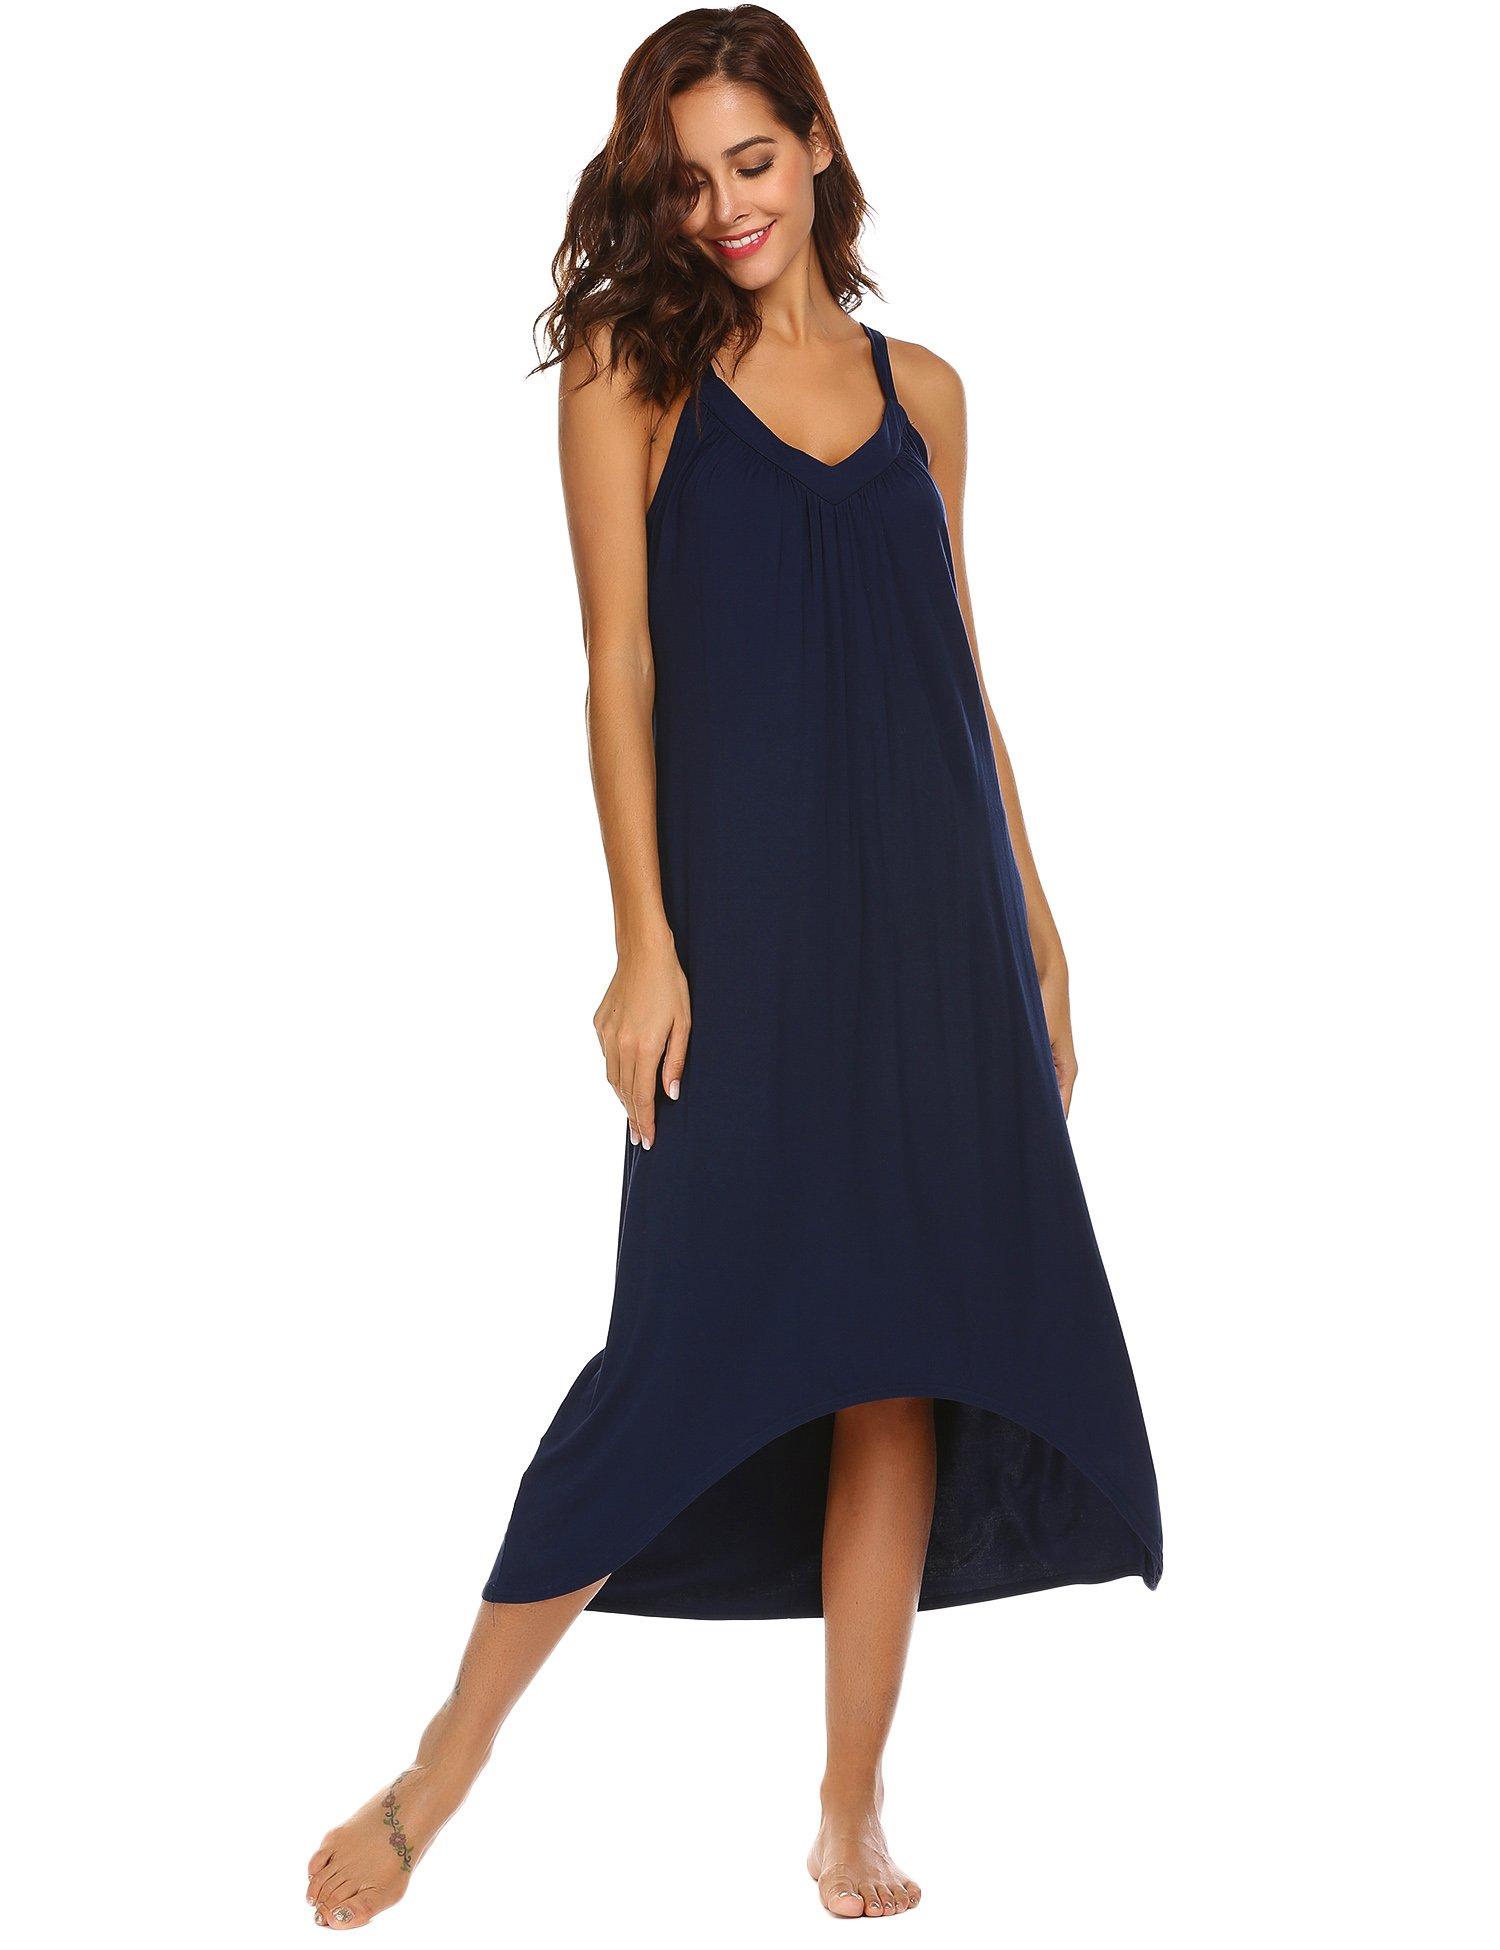 Skine Womens Sleeveless Long Nightgown Summer Slip Night Dress Cotton Sleepshirt Chemise